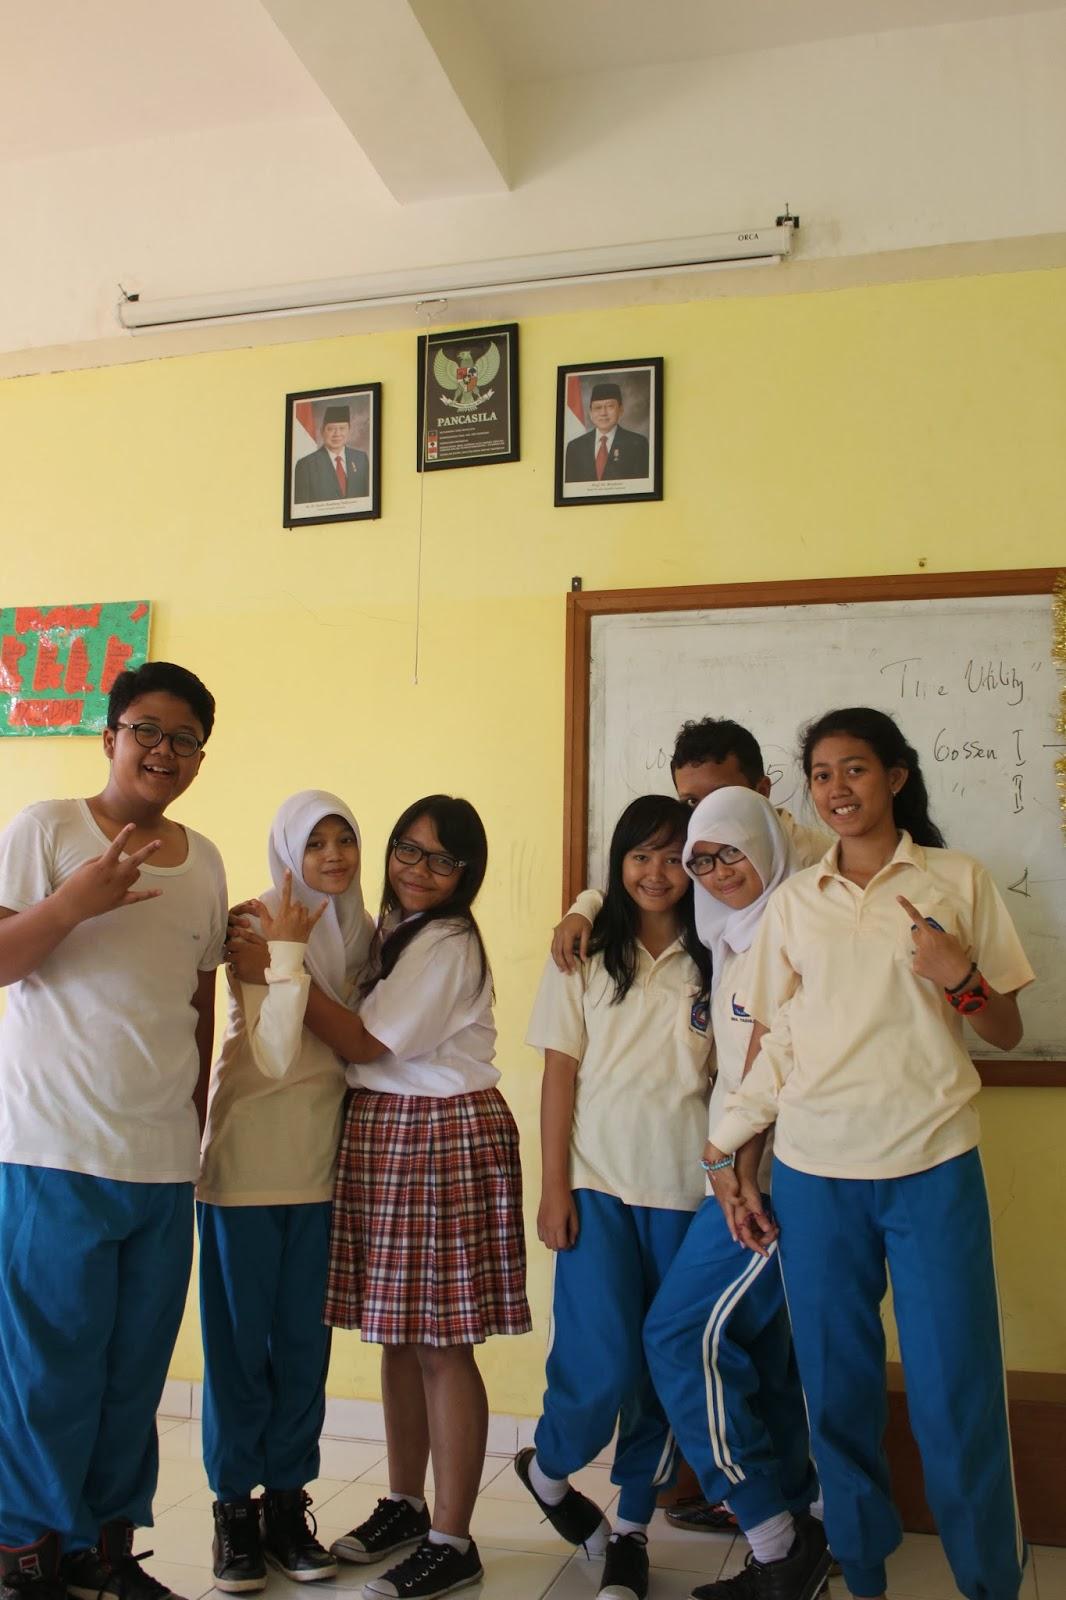 my friends at korpri senior high